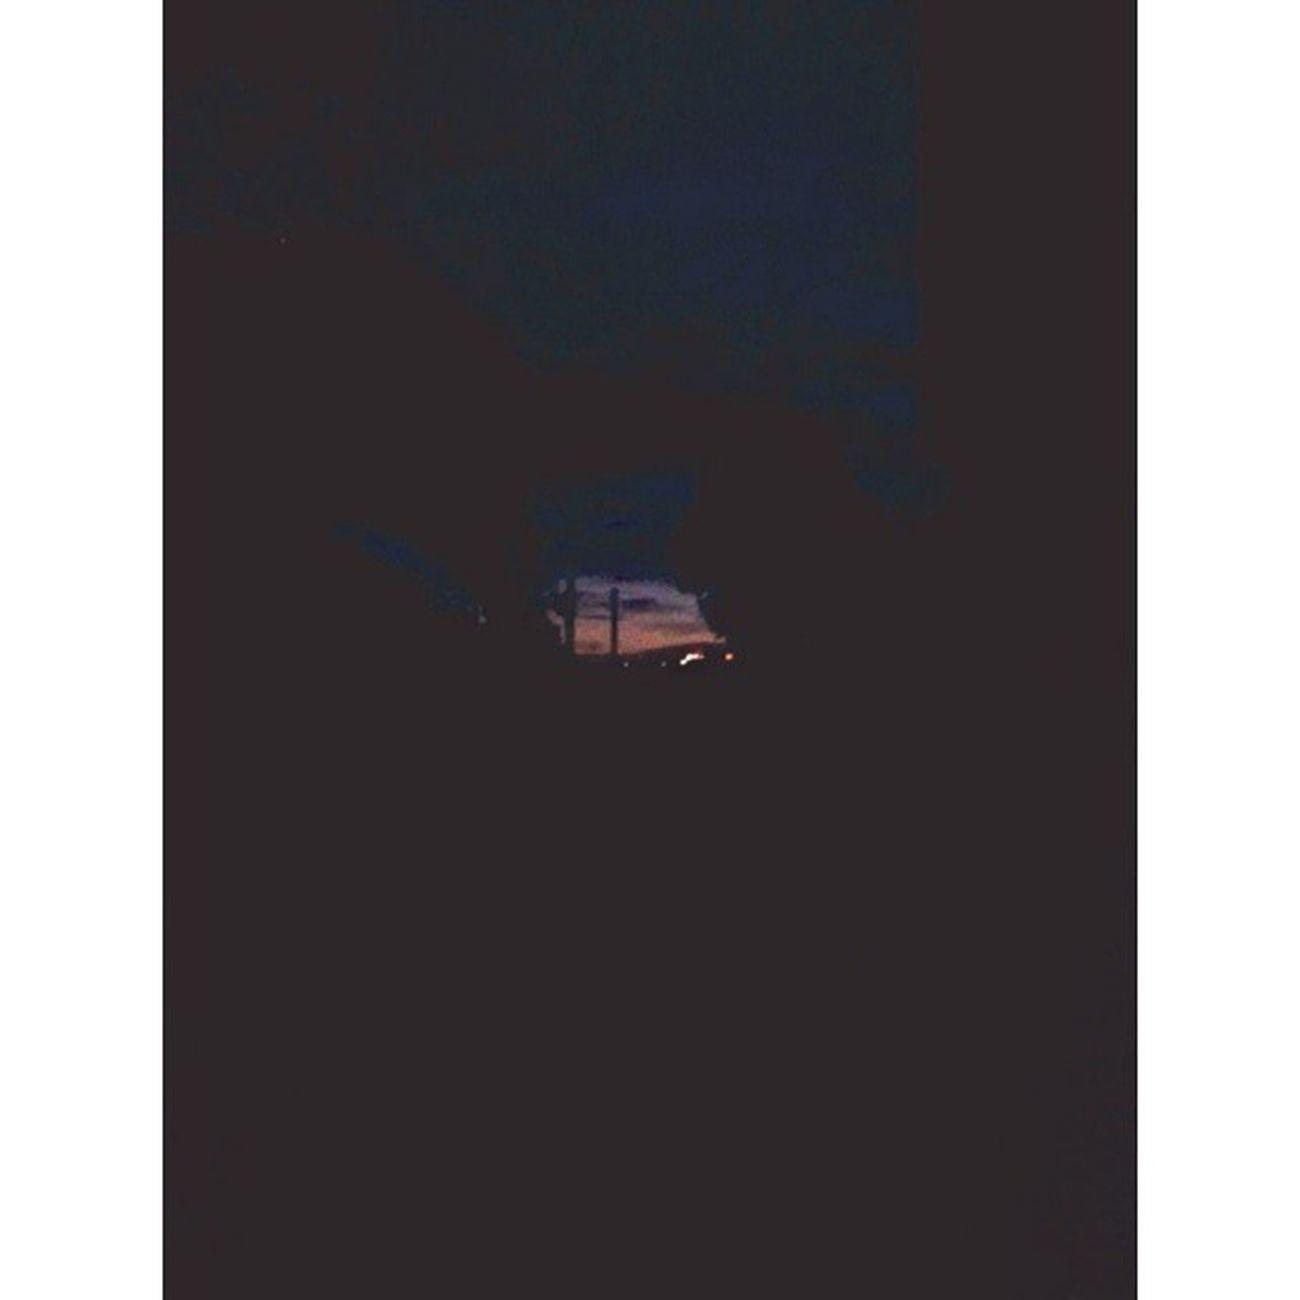 """""""Tu resta che poi io sono felice; io mi accontento di poco anche se tu poco non sei."""" Occhiprofondi EMMAMARRONE Resta Restare Felice Tupocononsei Solocosebelle Night Canzone Sing Cd 😚 CDs Music Frase Testocanzone Retrica Nocrop Aviary Foto Images Photo Ph Pic Picoftheday instapic cool instacool good instagood"""